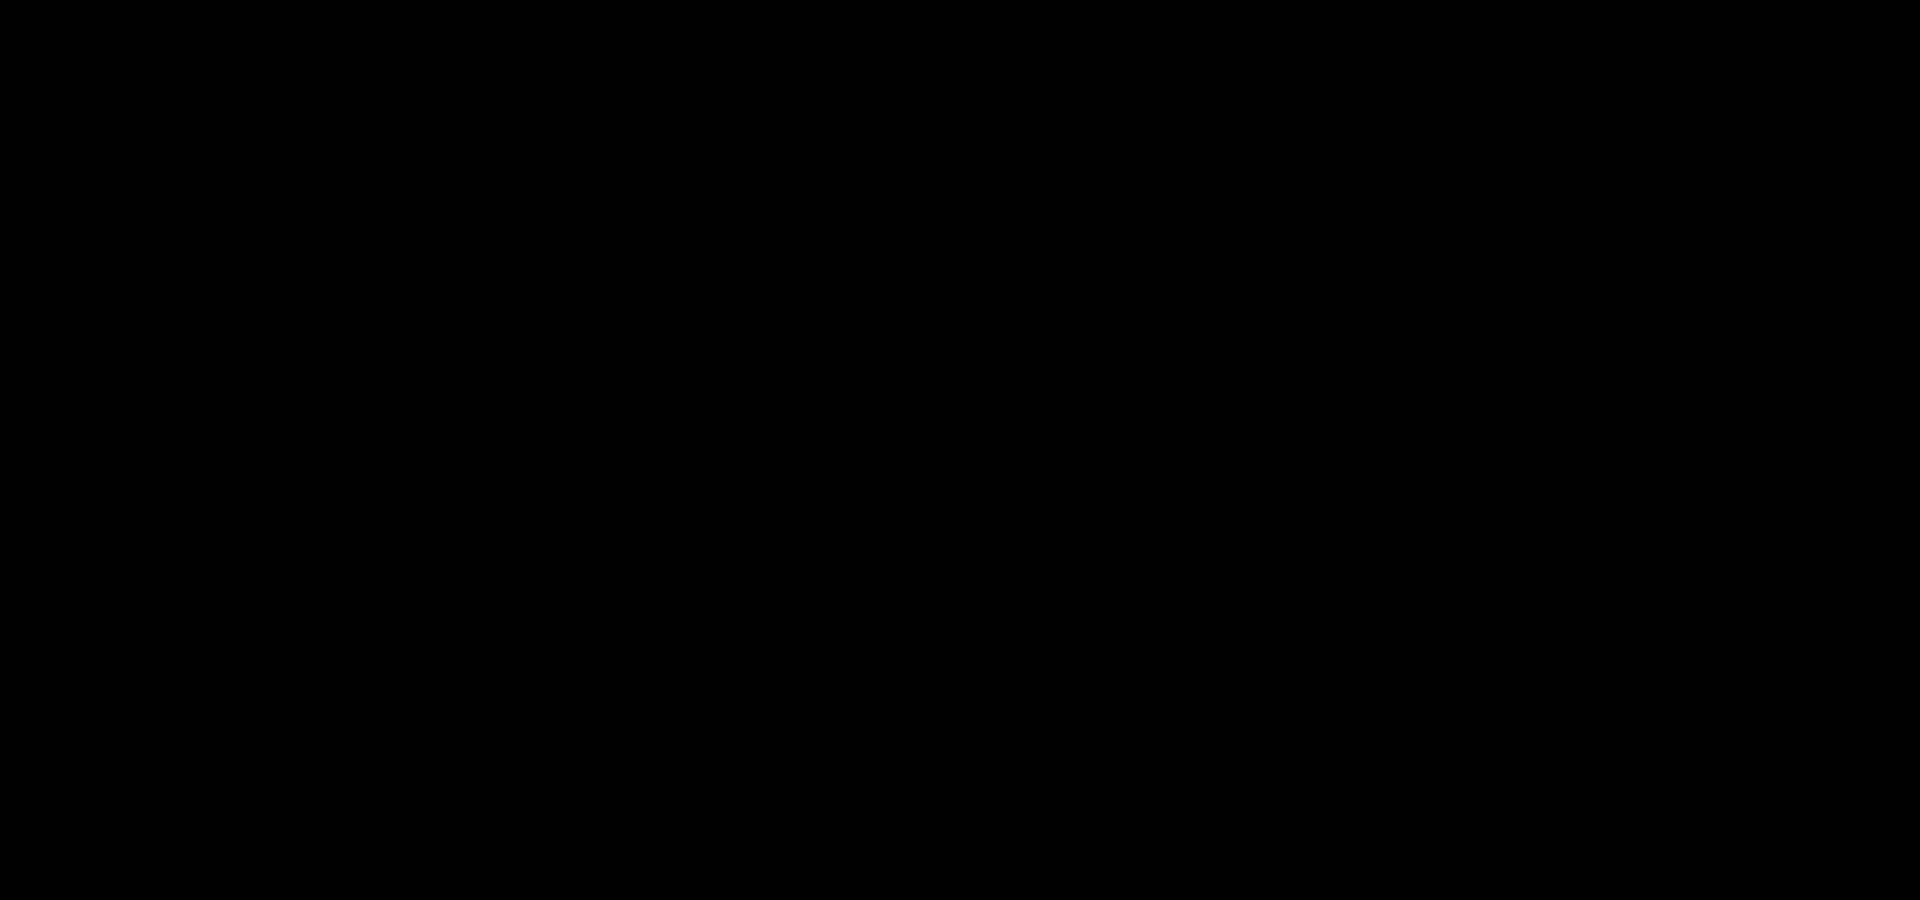 天藍節能科技